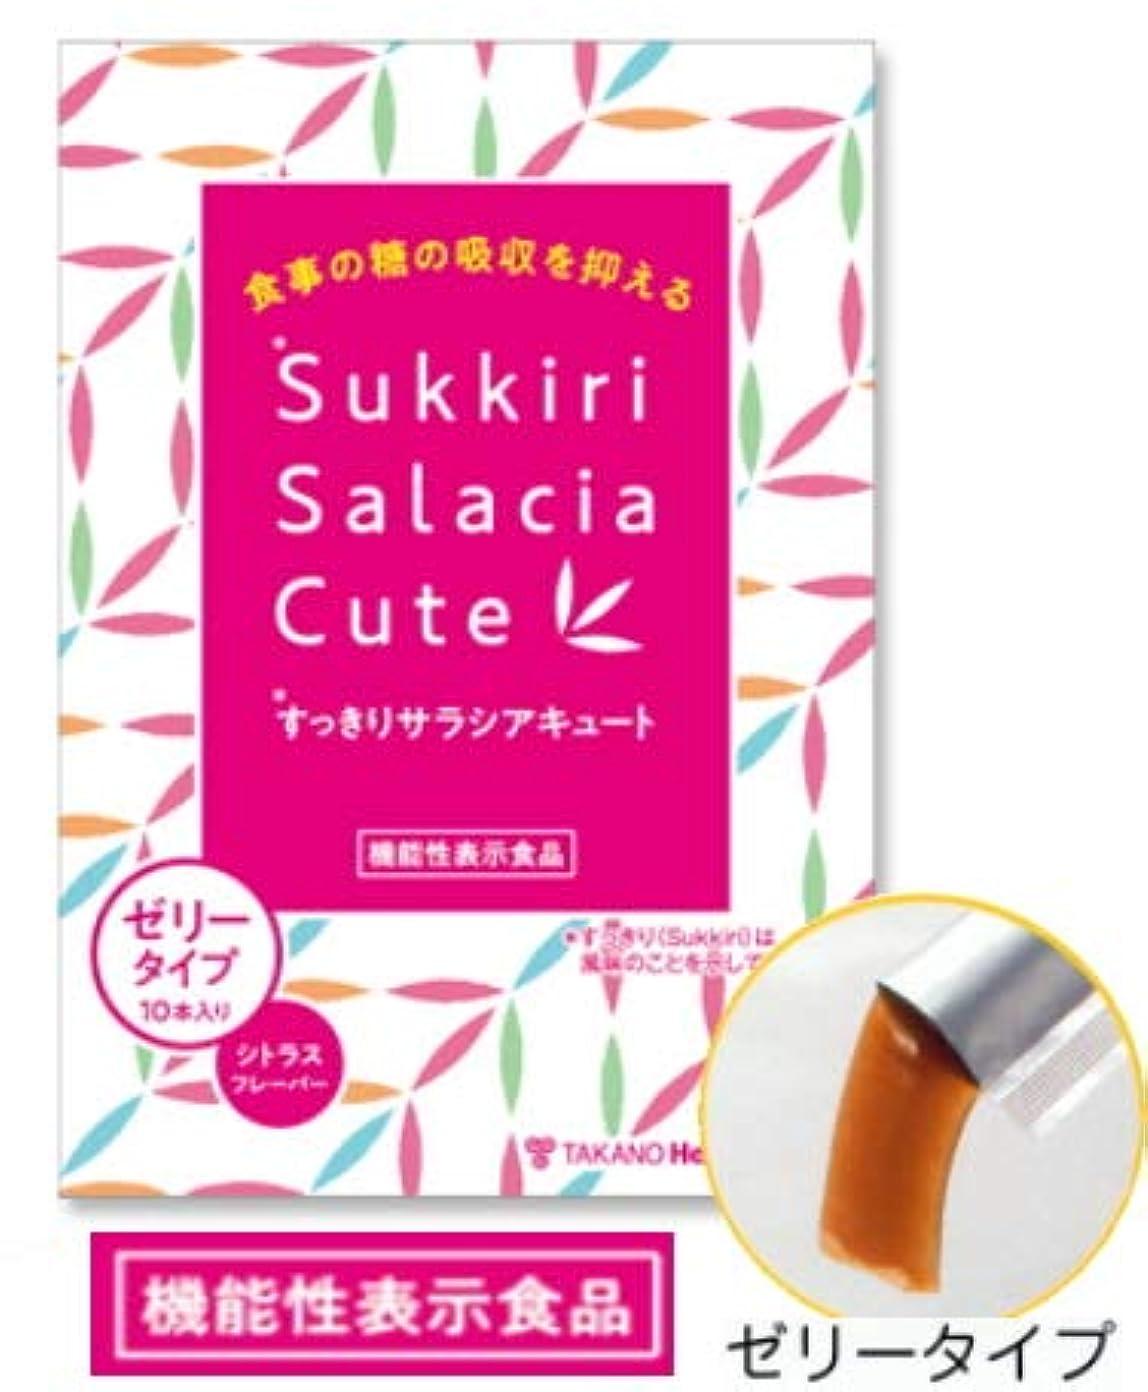 対応先祖喉頭食事の糖の吸収を抑える すっきり サラシア キュート ゼリーダイプ 10本入×3個セット【機能性表示食品】